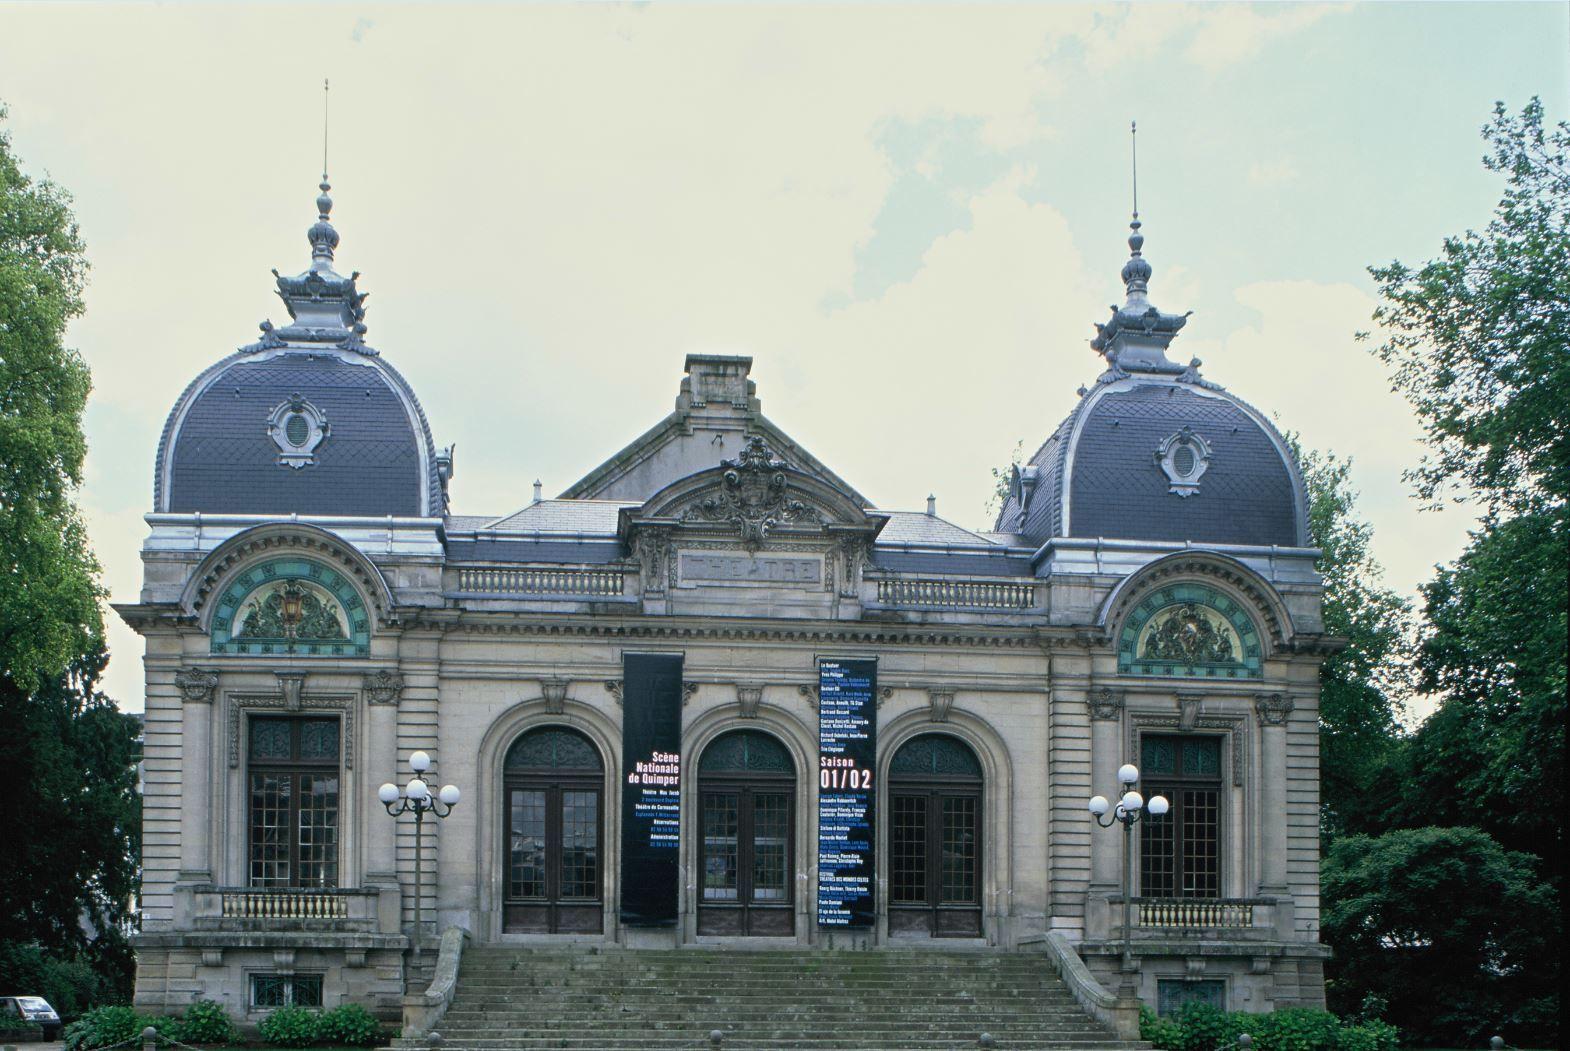 Public Building, Quimper (France) #zinc #architecture #france